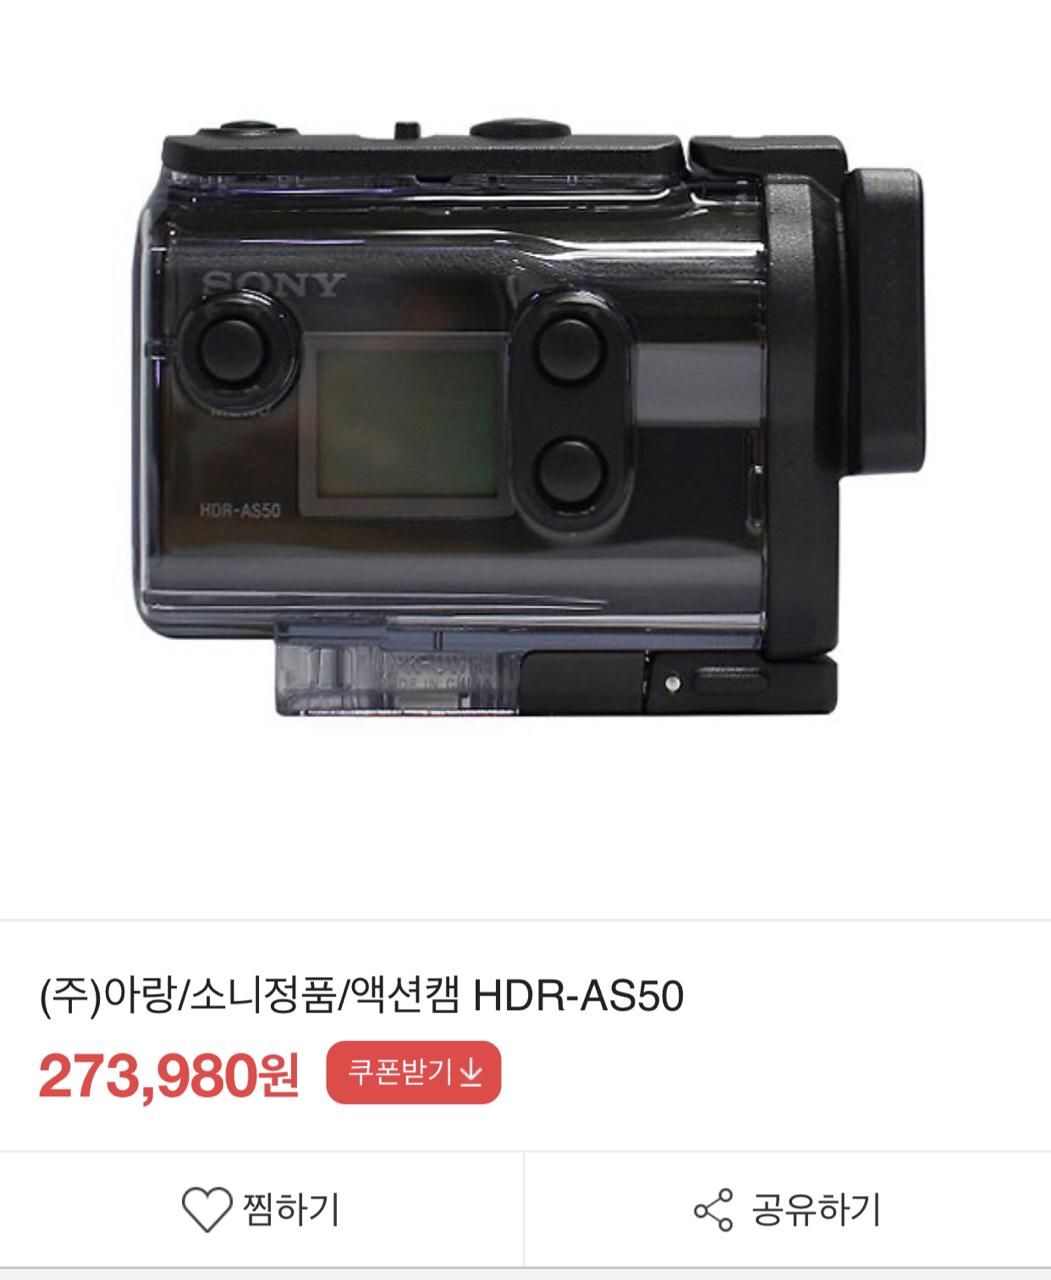 소니 액션 캠(2주전 구매)